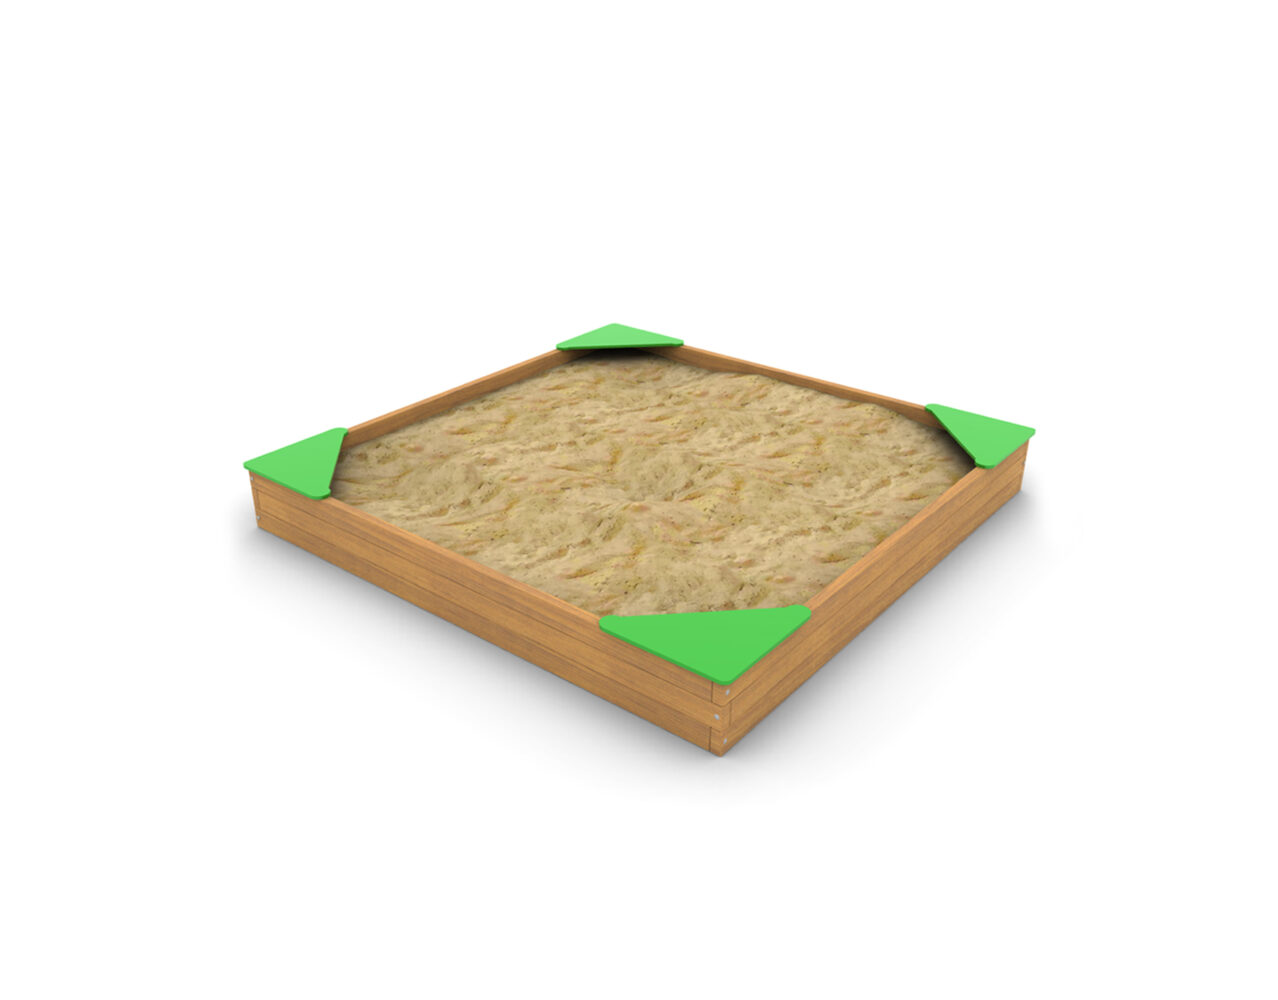 Piaskownica kwadratowa drewniana na plac zabaw z atestem i certyfikatem, certyfikowana piaskownica